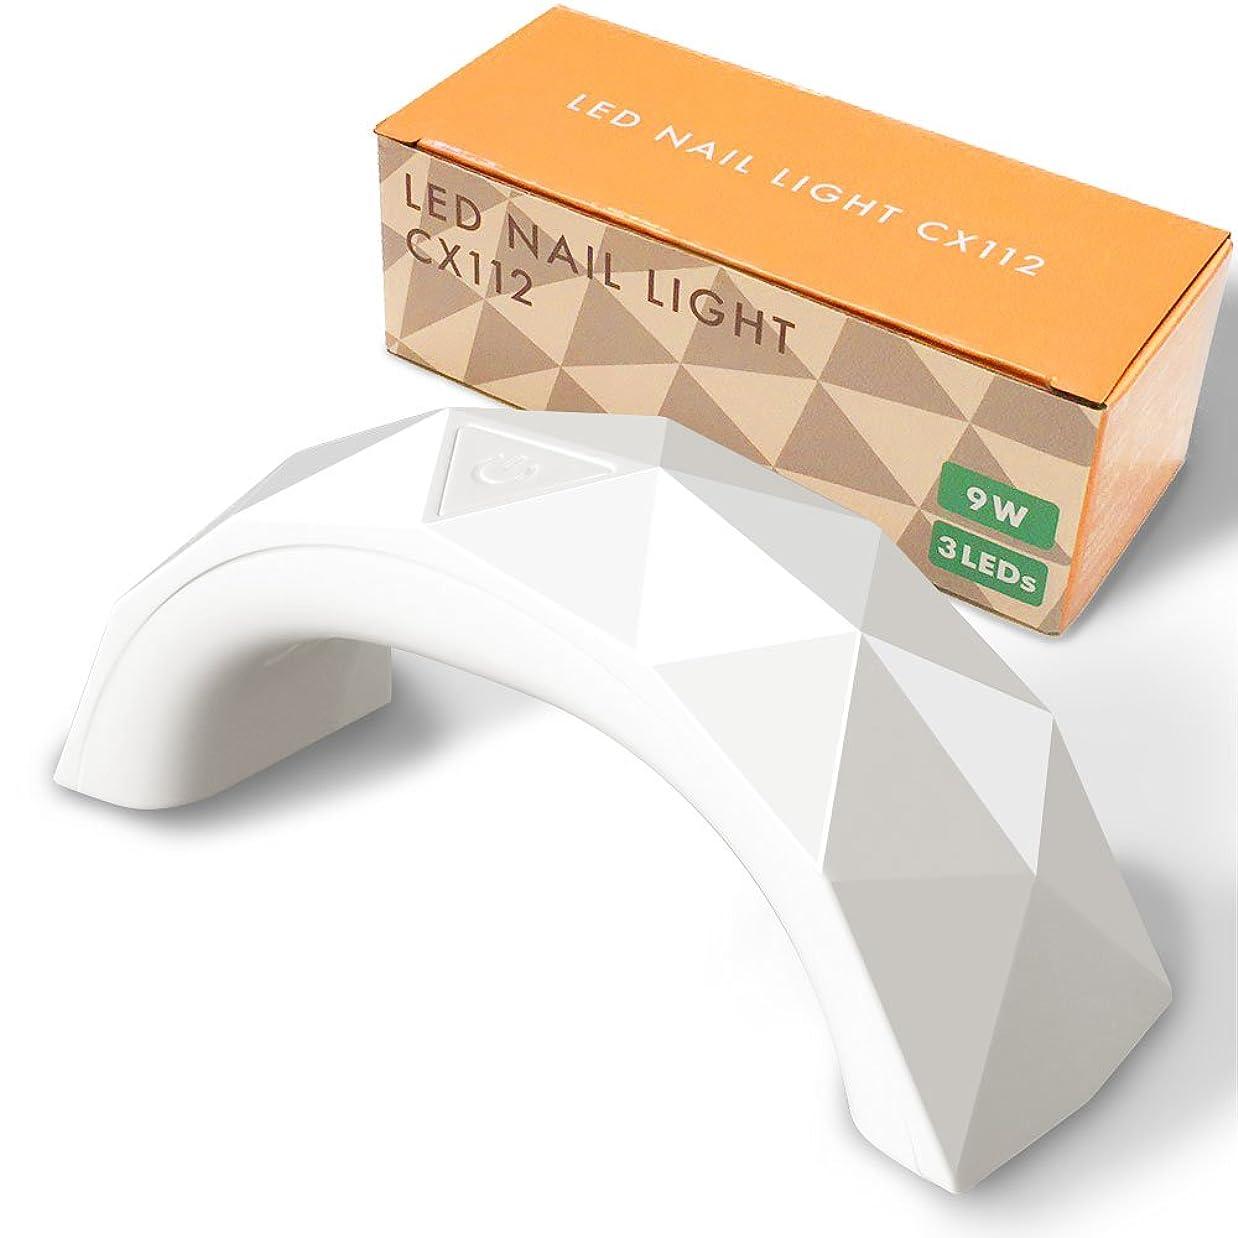 タクト遊具家族【Centrex】【CX112】ジェルネイル LEDライト 9W 硬化用ライト タイマー付き ハイパワーチップ式LED球 USB式 (ホワイト)